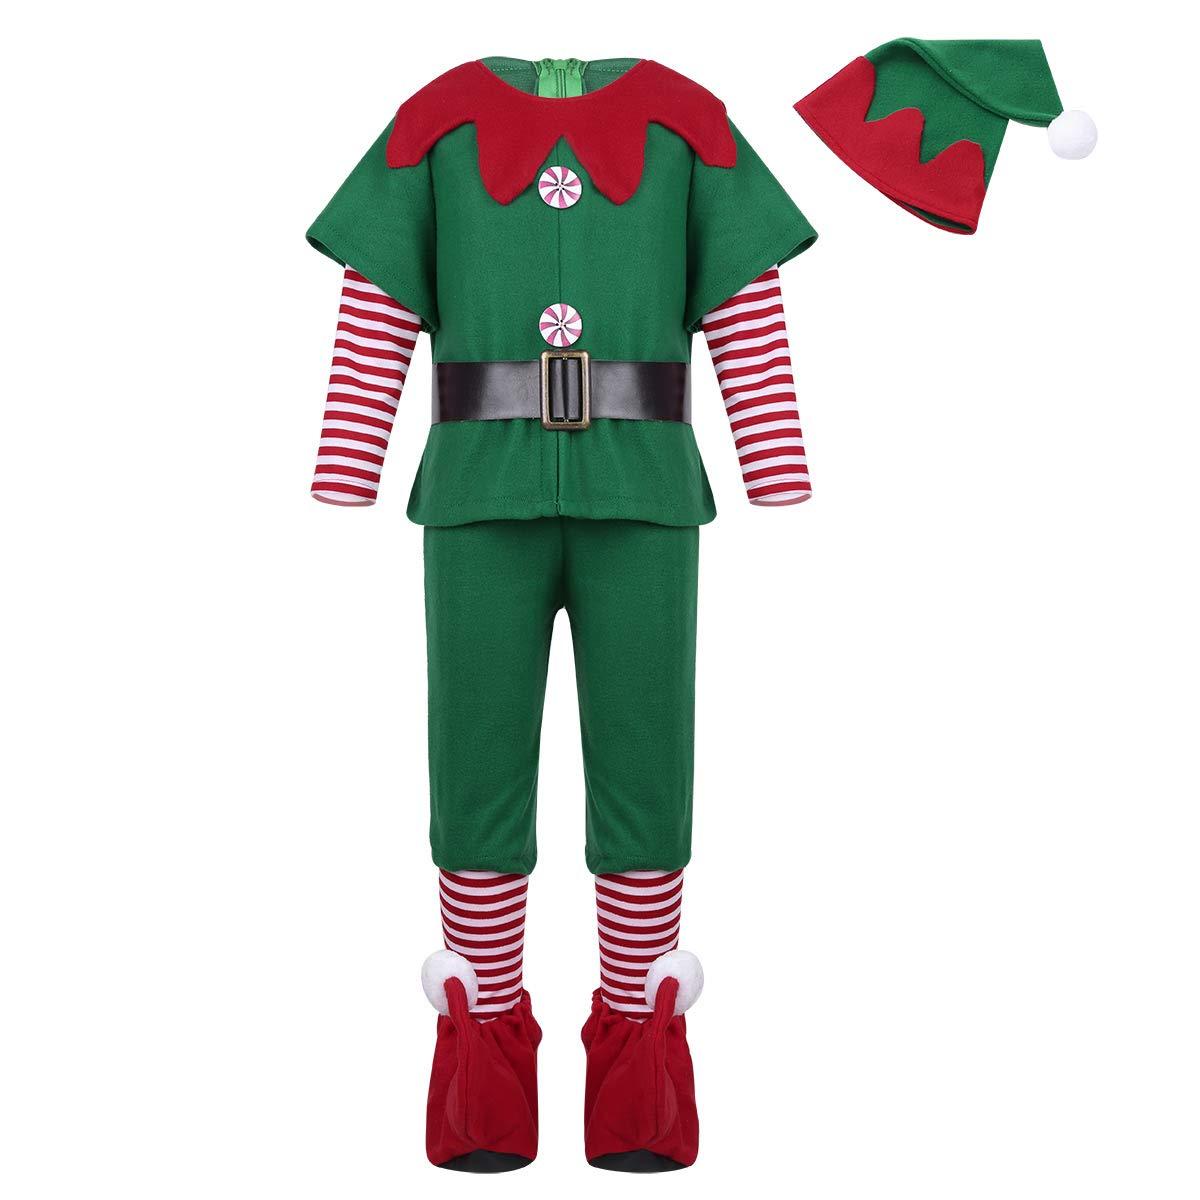 dPois Kinder Elfen Kostü m Weihnachtskostü m Weihnachtself Mä dchen Jungen Kleinkind Weihnachten Outfit fü r Cosplay Party Fasching Karneval Kostü m Gr. 80-164 Jungen 98-104/3-4 Jahre KM10064445-10068156-DE